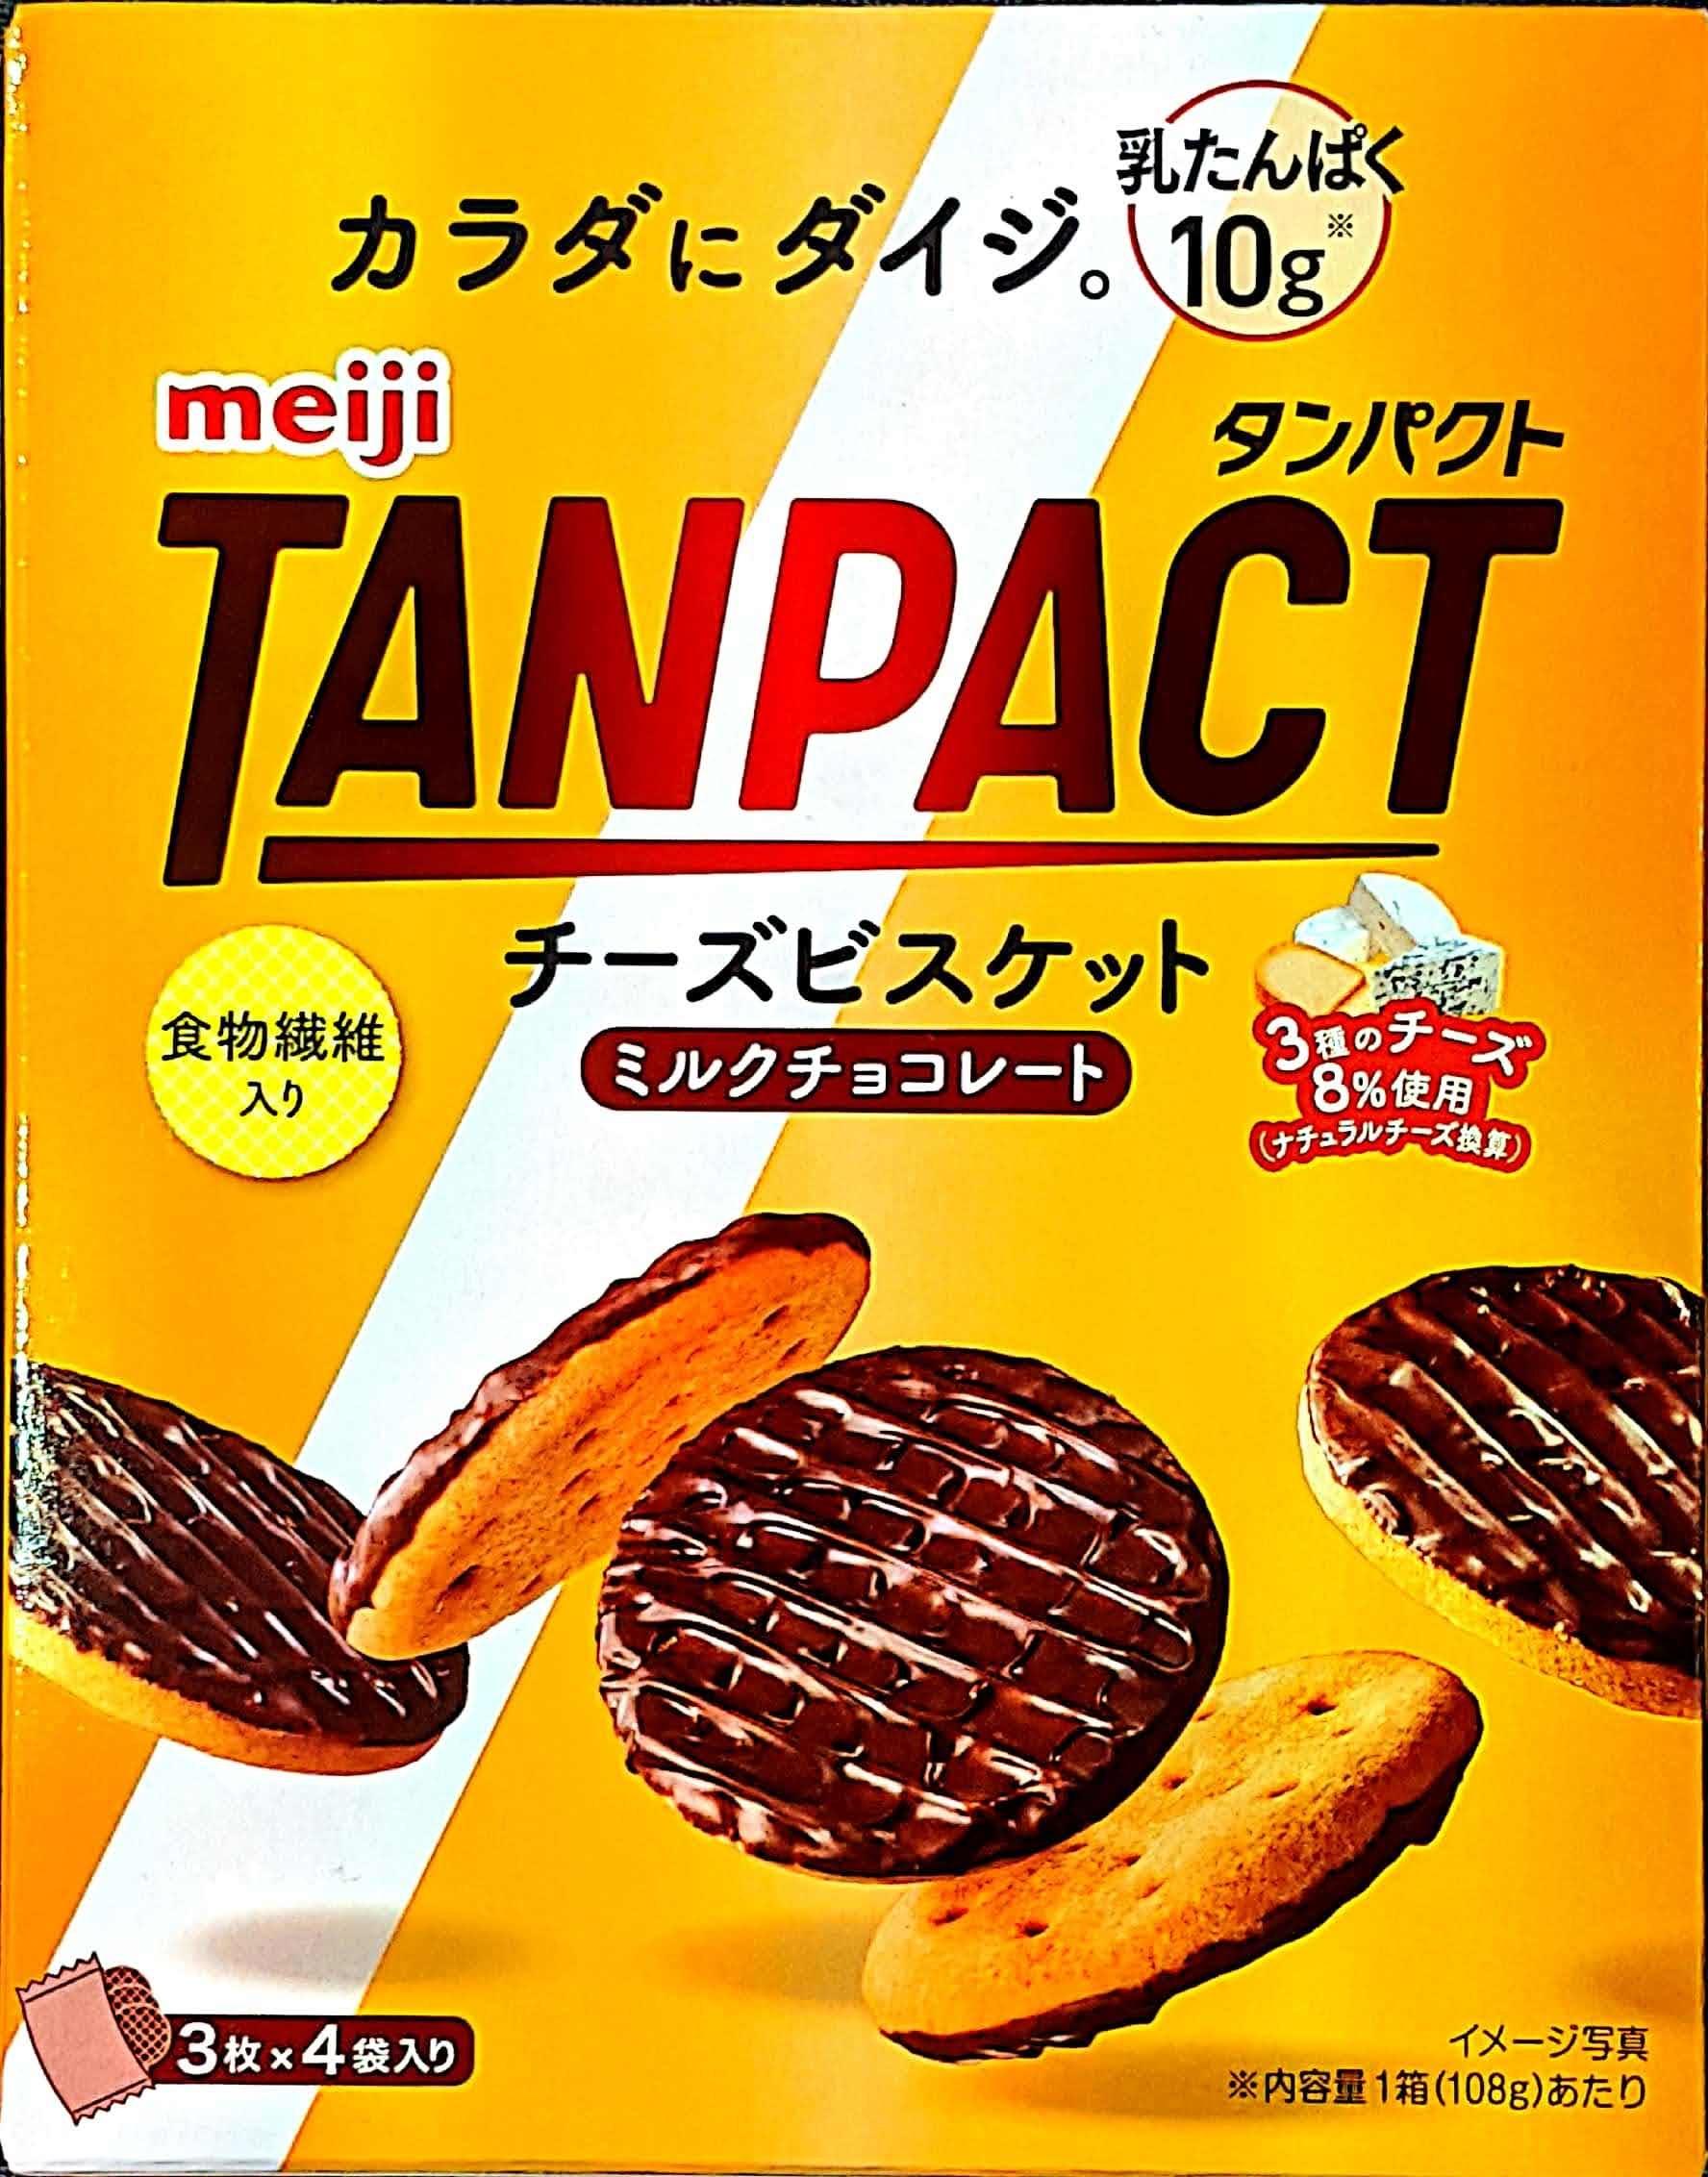 明治タンパクトチーズビスケットミルクチョコレート